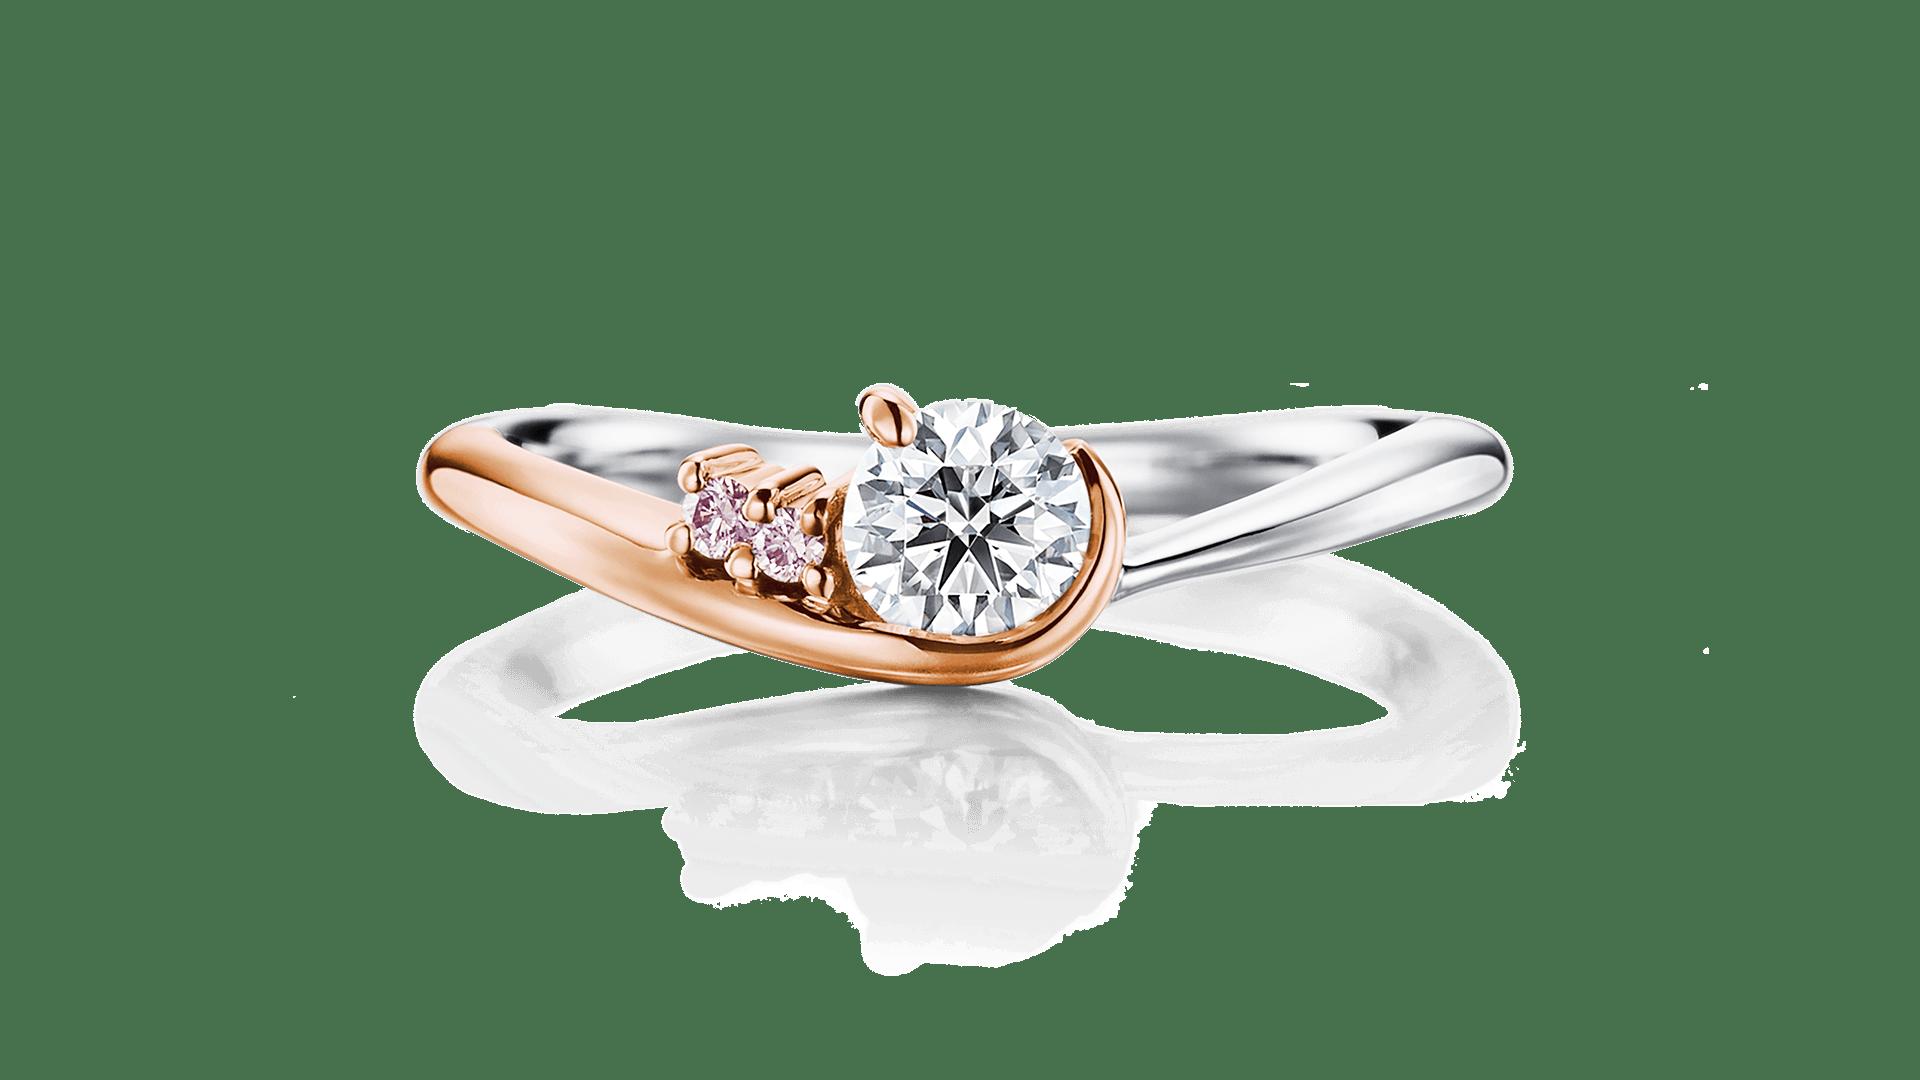 tucana トゥカーナ | 婚約指輪サムネイル 1